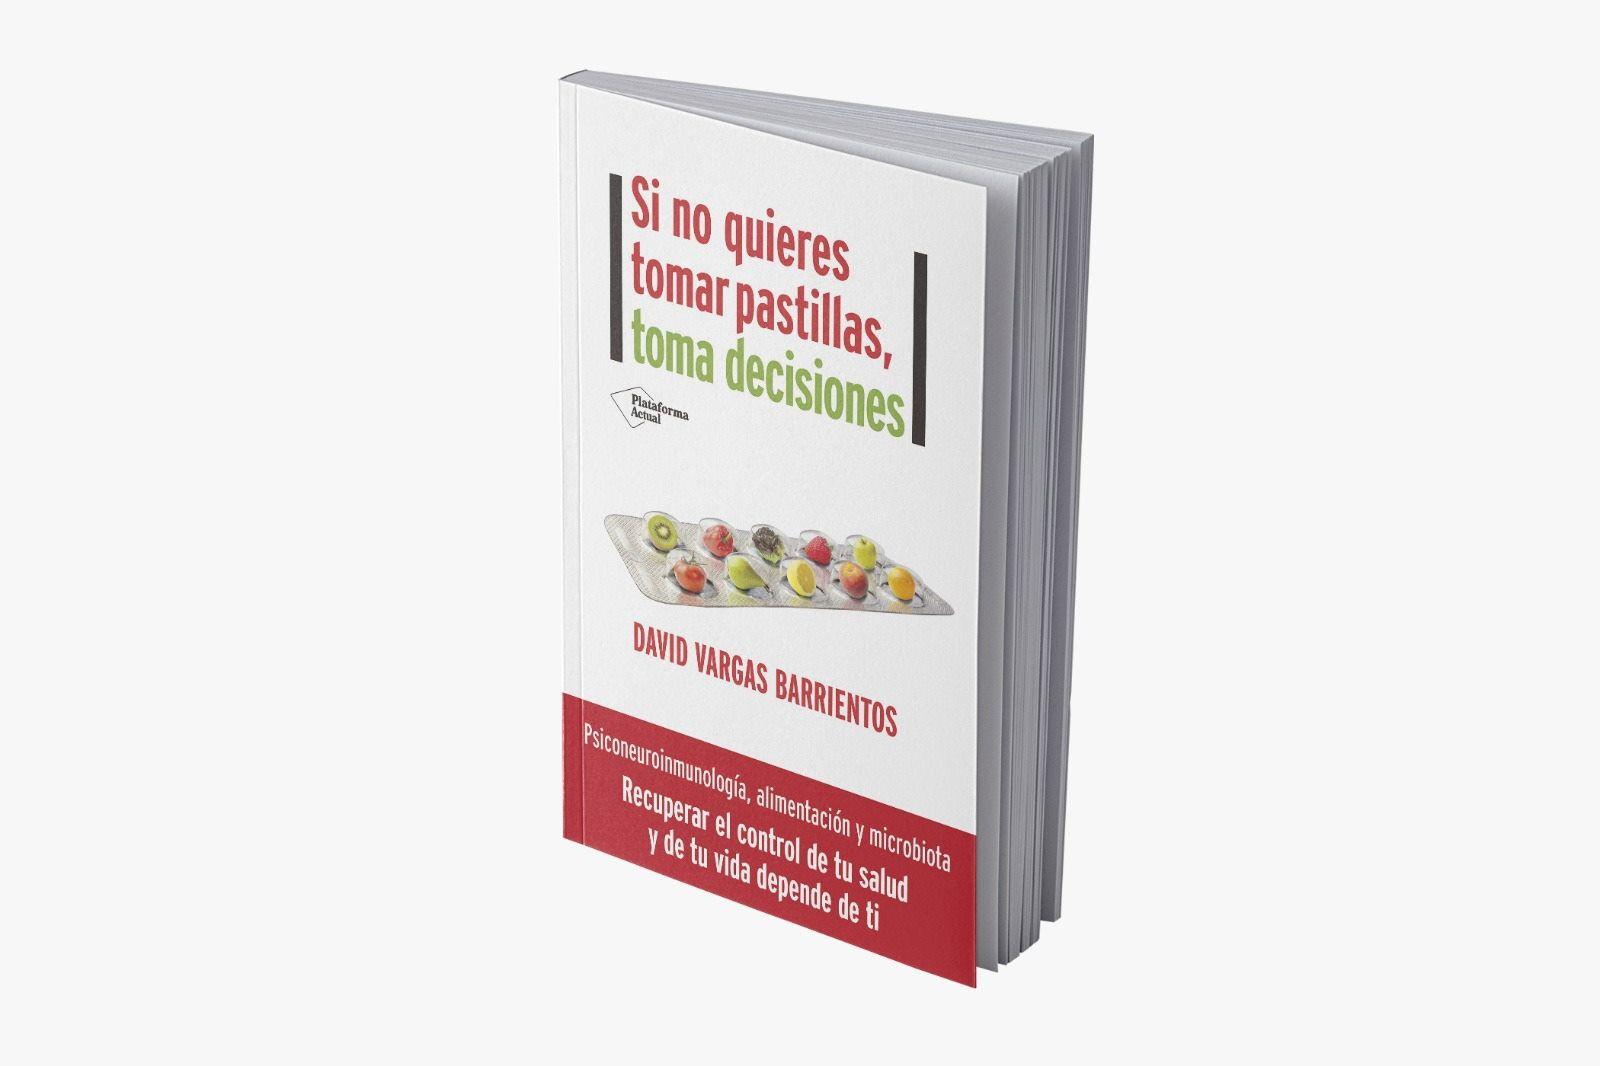 El libro 'Si no quieres tomar pastillas, toma decisiones' se estrena a lo grande en solo 24h en preventa